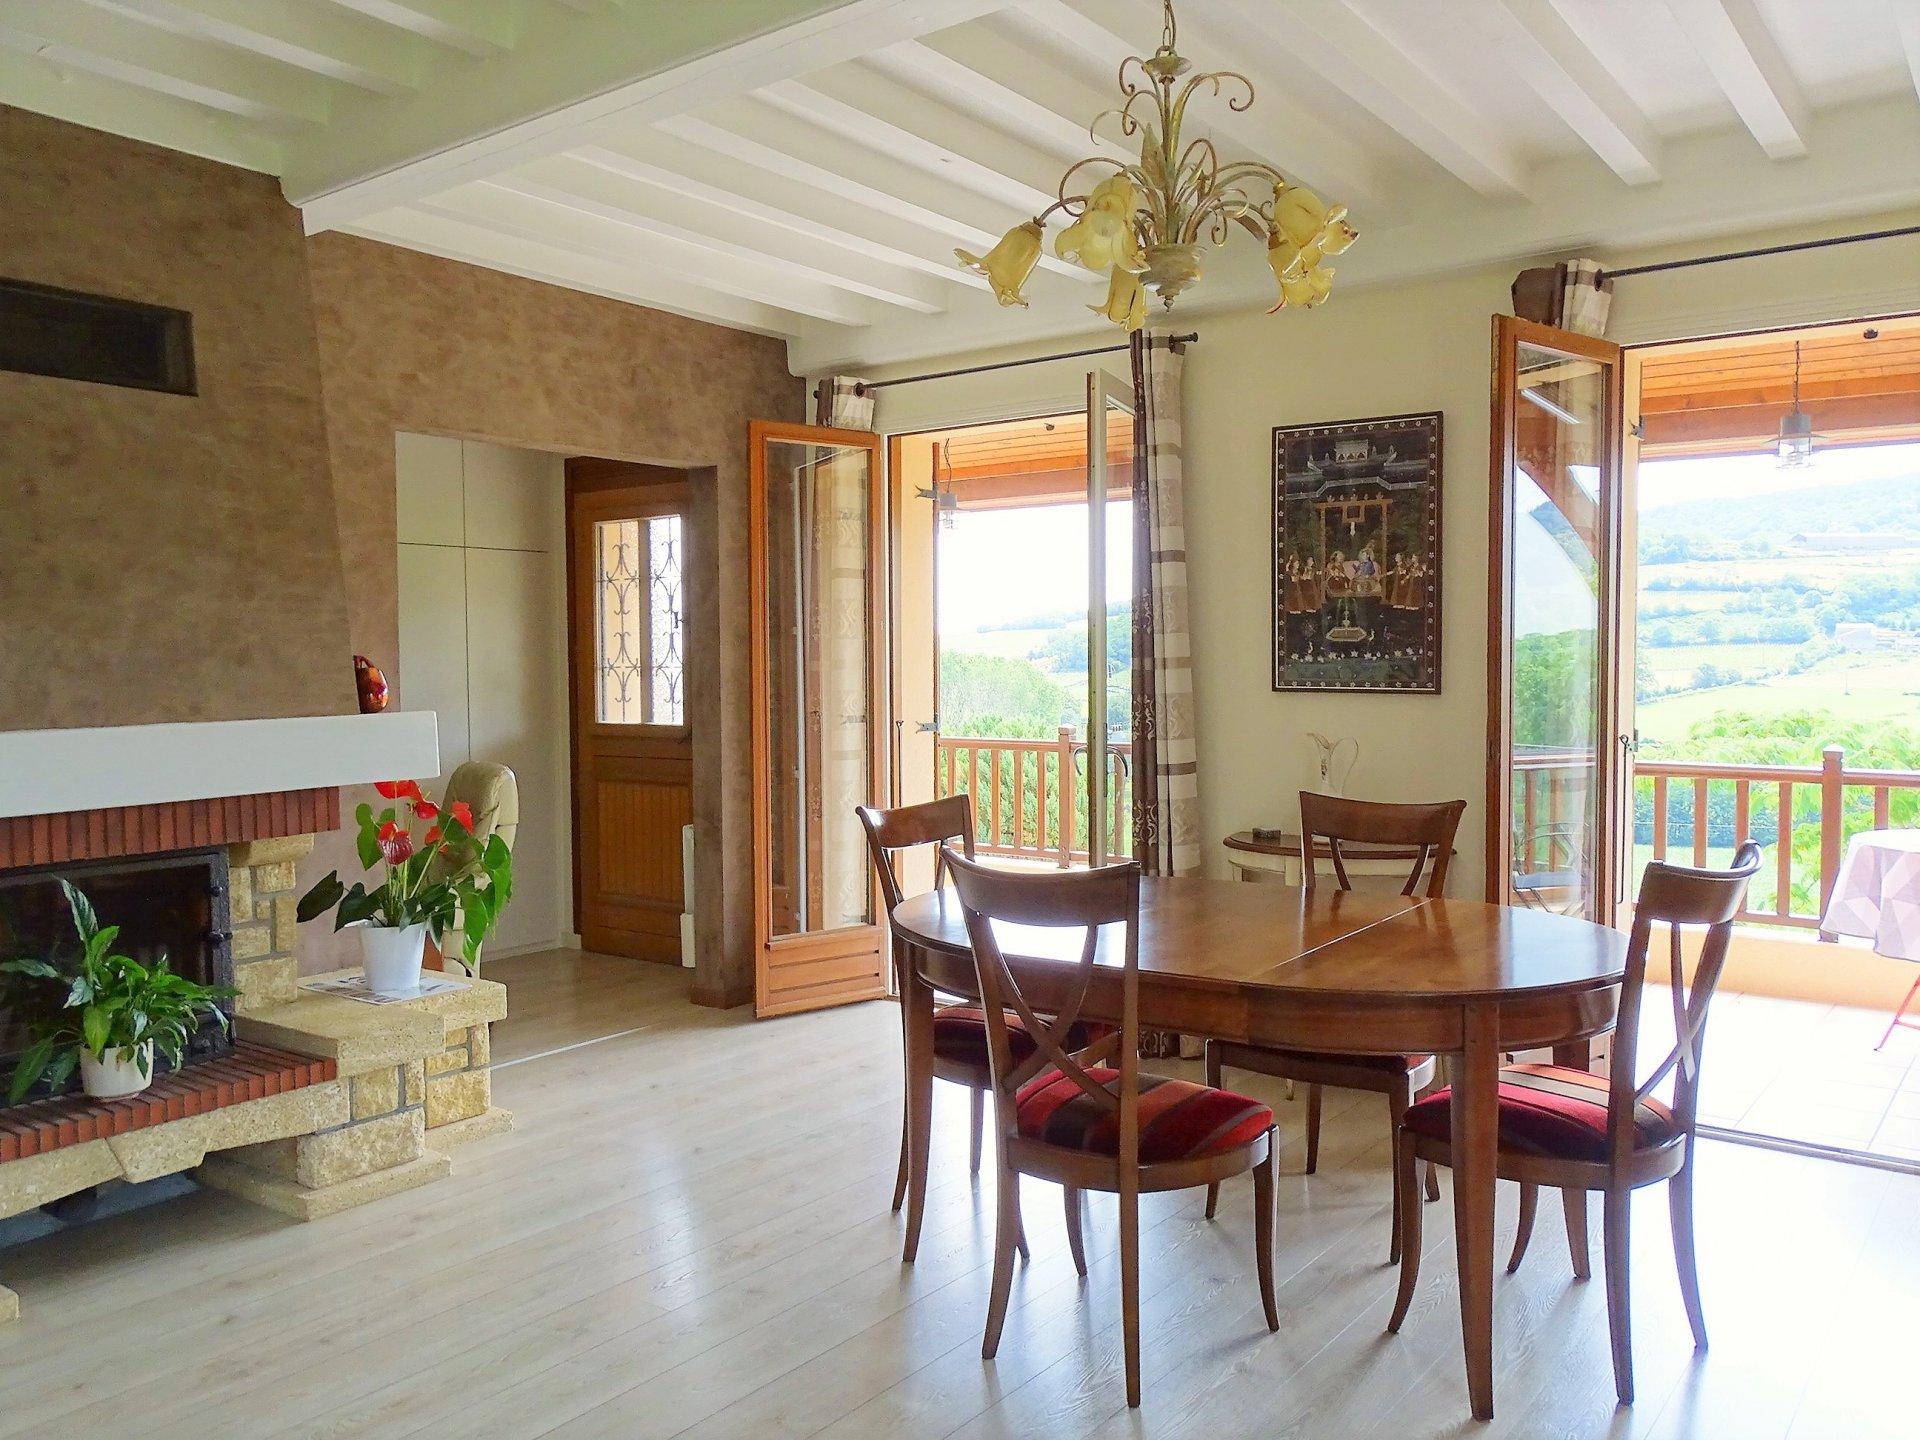 A 15 mn de Mâcon centre et de la gare TGV, belle maison en parfait état jouissant d'un environnement convoité et d'une superbe vue sur les monts du Mâconnais.  La maison offre une surface de 200 m² répartie sur 2 niveaux avec au rez de chaussée, une pièce de 45 m² et sa cuisine aménagée, suivi de trois chambres et d'une salle de douche. A l'étage, elle dispose d'une pièce à vivre principale, d'une cuisine entièrement équipée, d'une seconde salle de bain et de trois autres chambres.  Les deux niveaux donnent chacun sur une jolie terrasse et peuvent être complètement indépendants, permettant d'accueillir famille et amis.  La maison s'ouvre sur un terrain de 2000 m², parfaitement entretenu et joliment aménagé !  Produit coup de coeur de par son environnement et son potentiel !  Honoraires à charge vendeurs